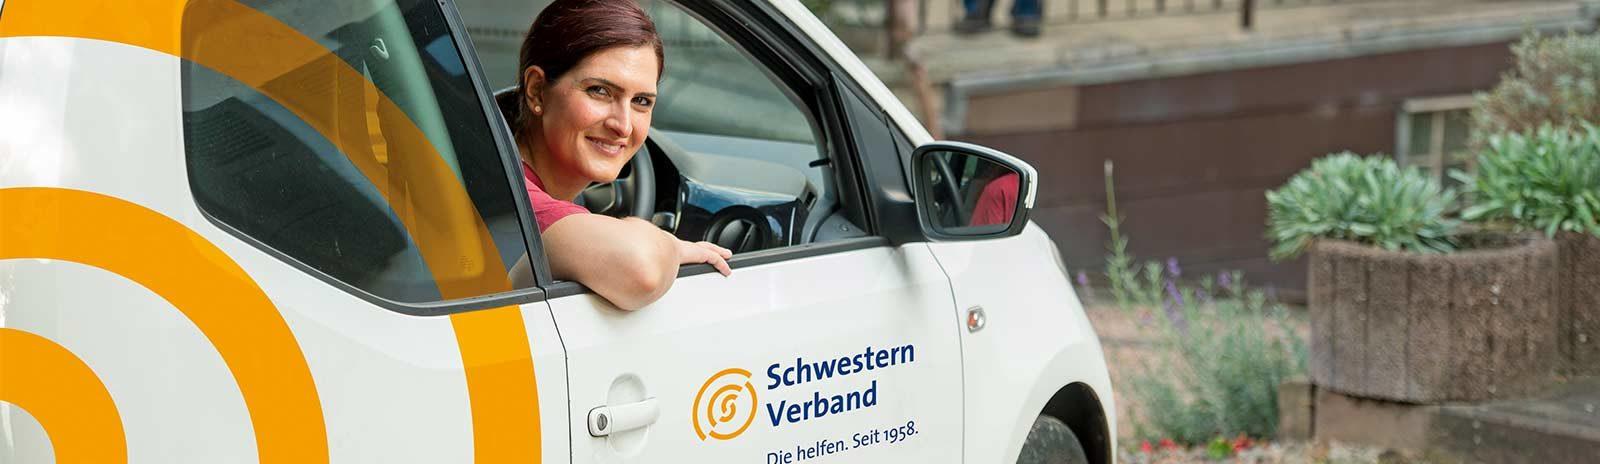 service-center-schwalbach